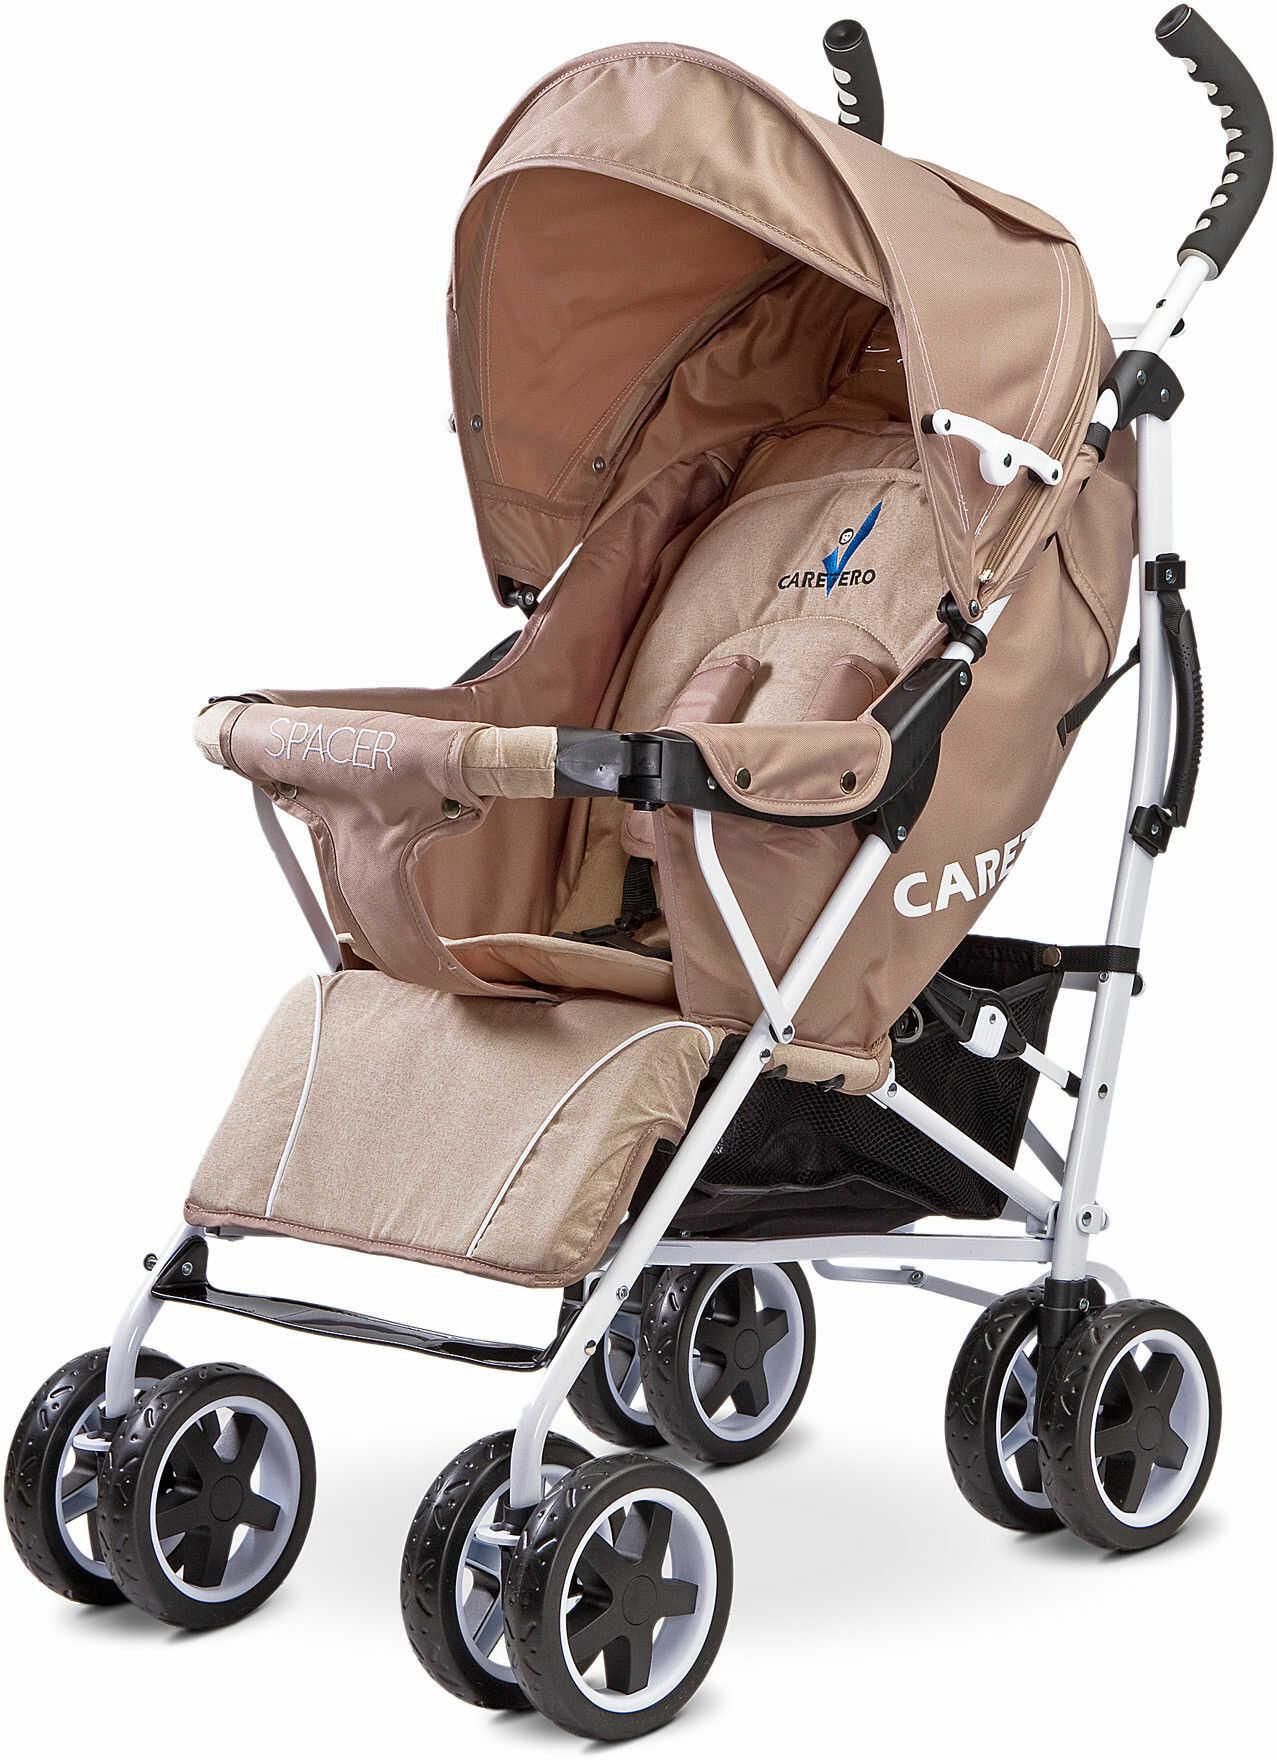 Caretero wózek spacerowy spacer 2017 beige